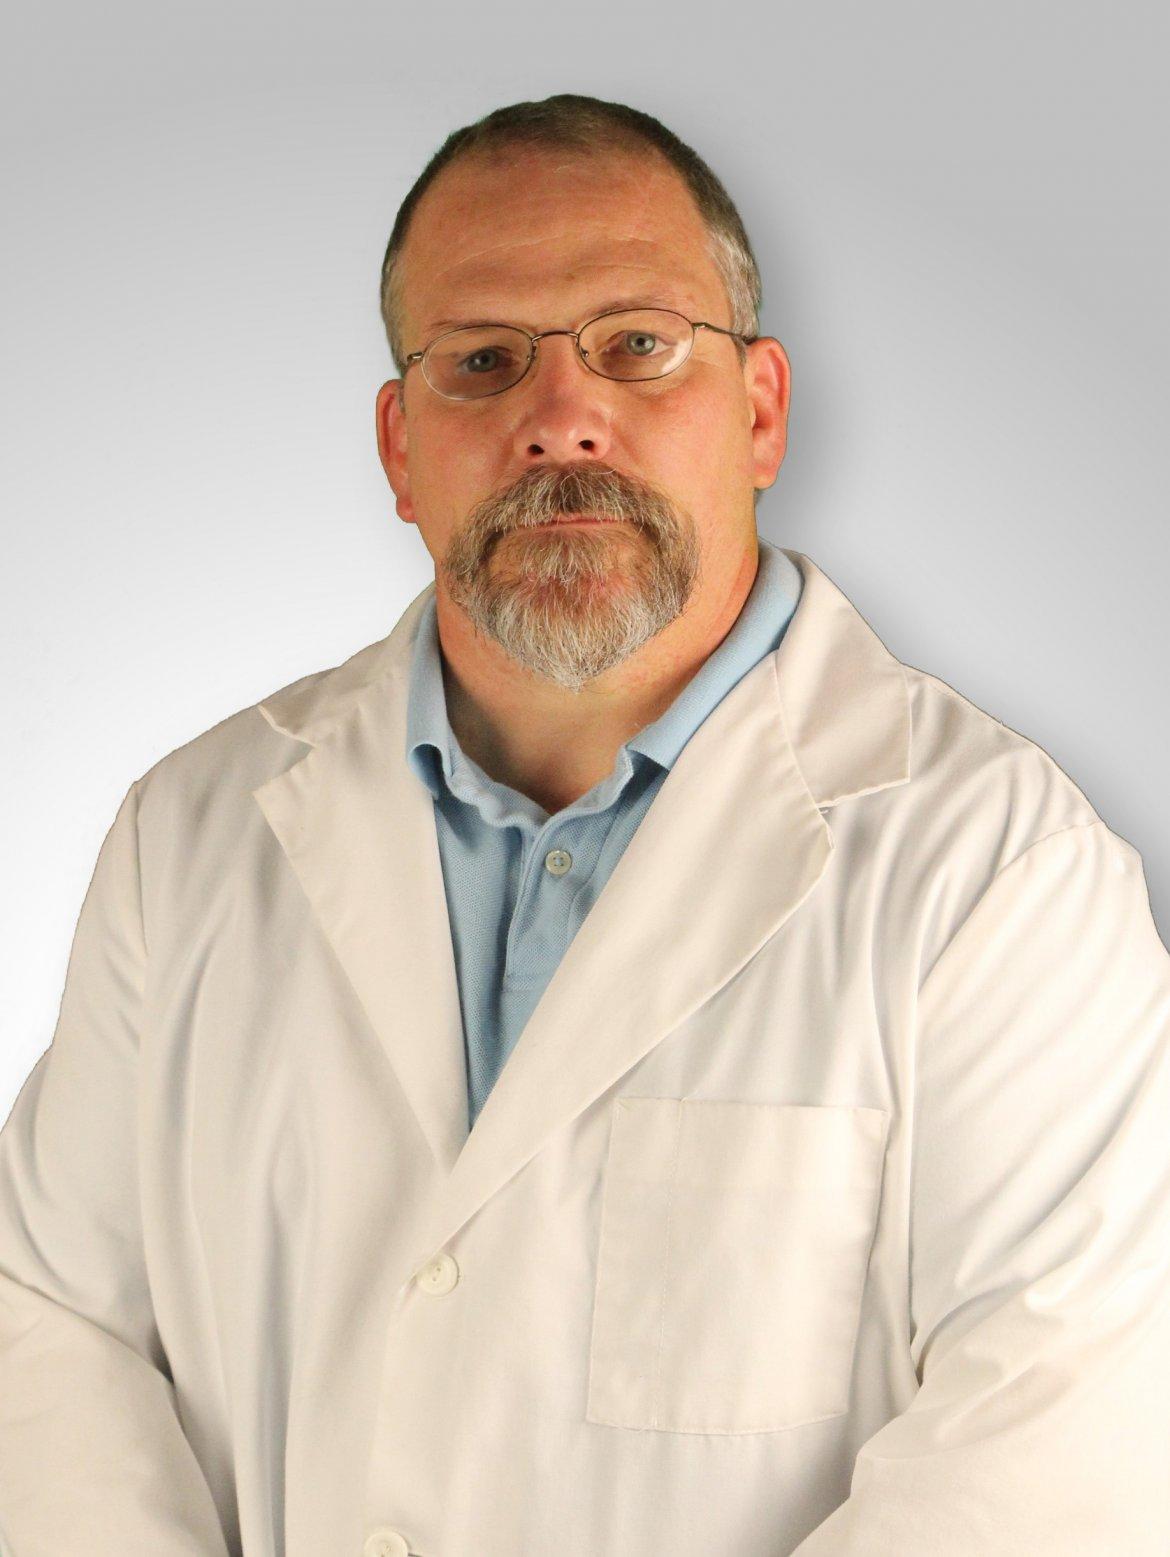 Lane I. Moore, MD, FACS